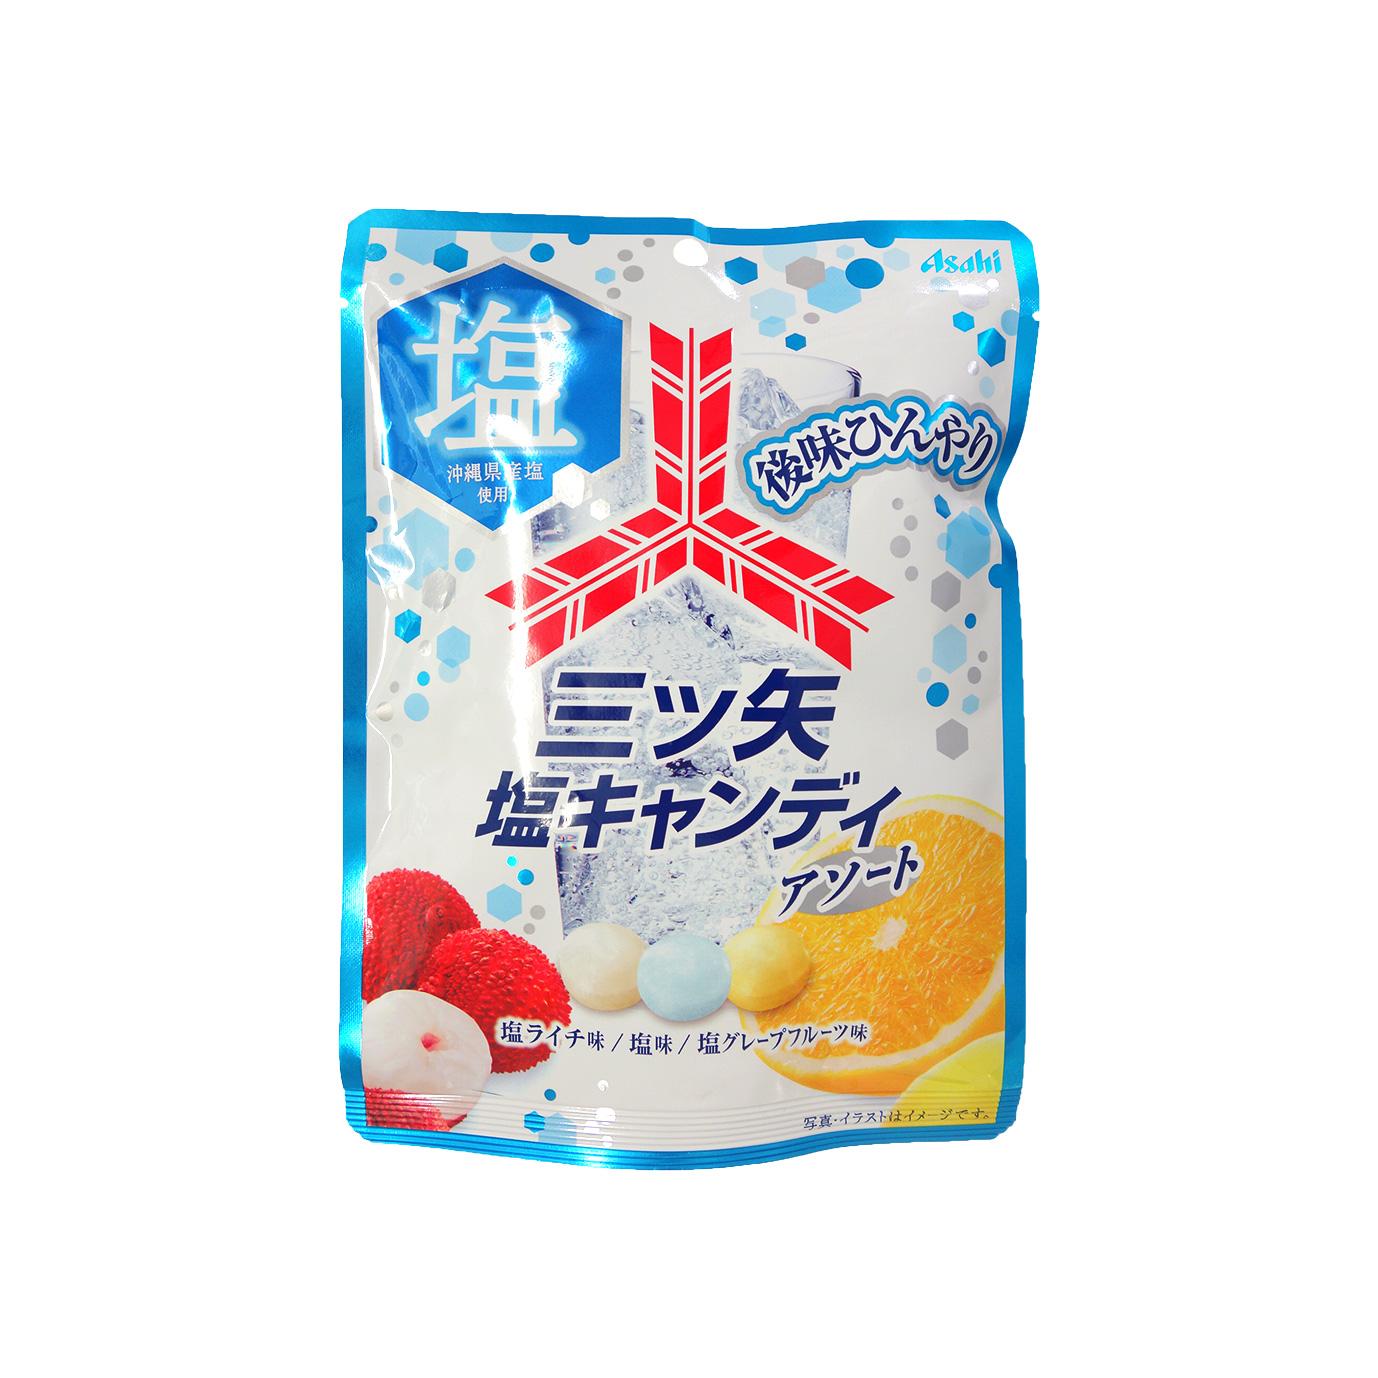 三ツ矢塩キャンディアソート